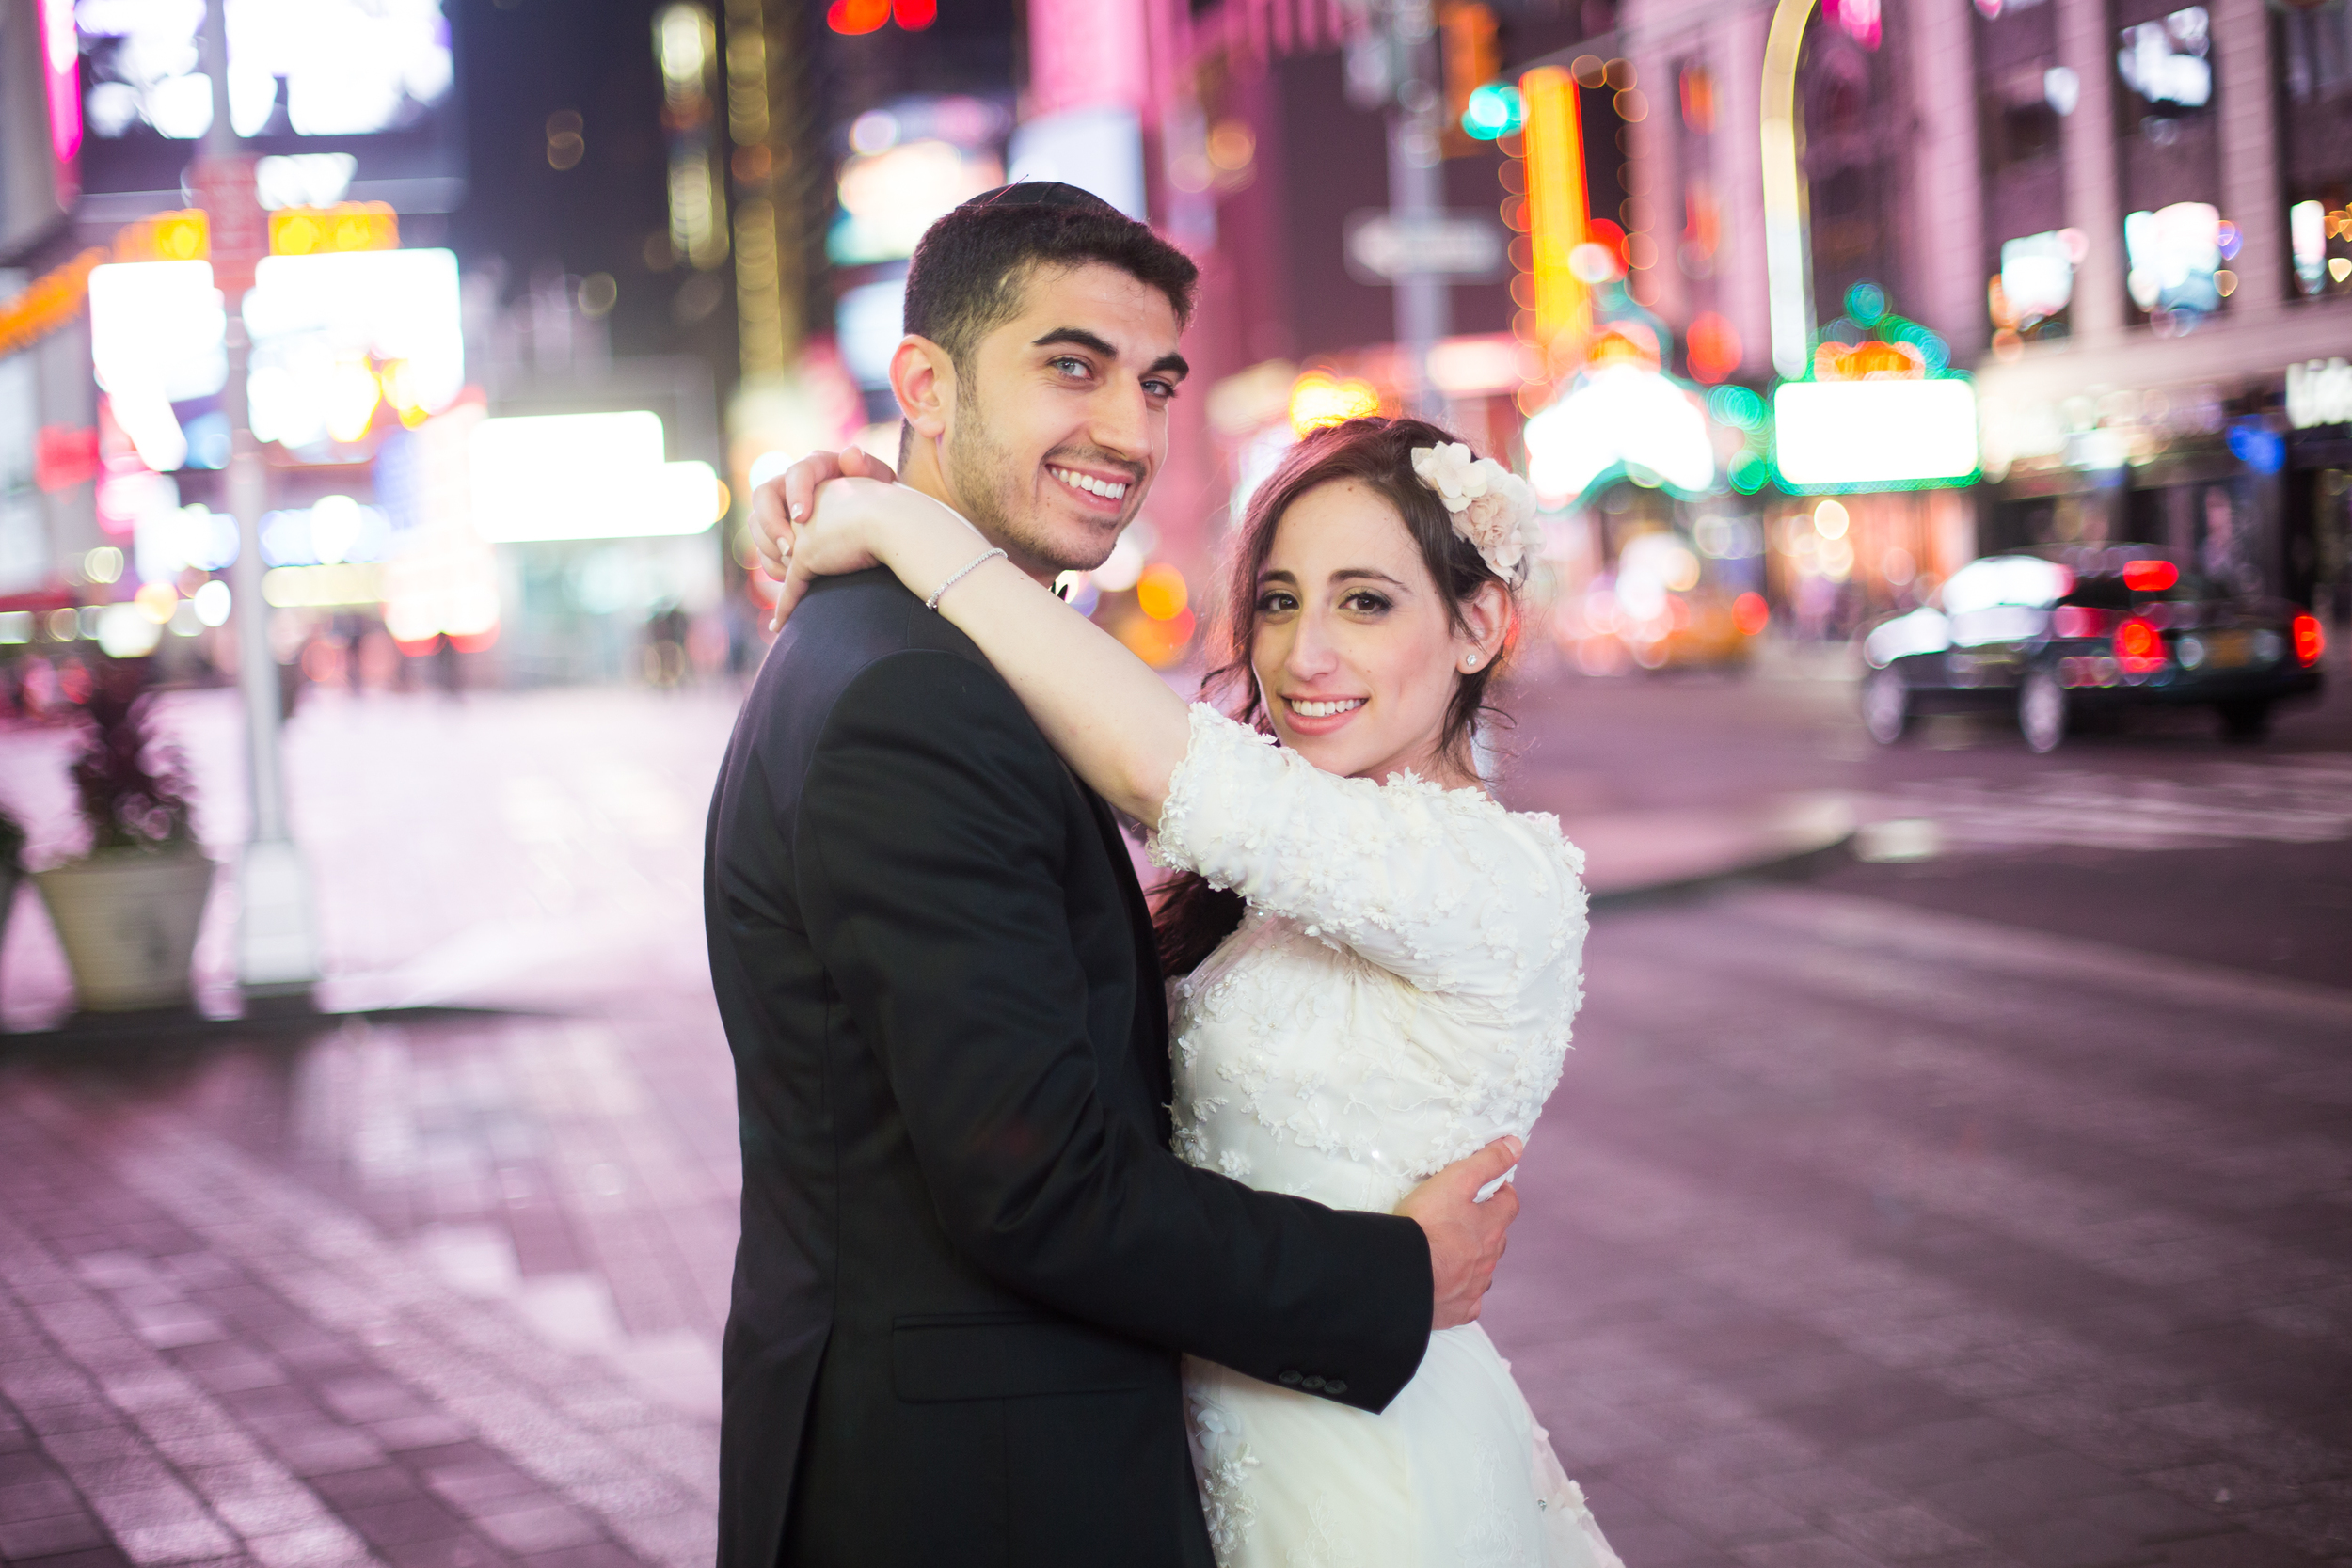 Rechela & David's Wedding  | Eliau Piha studio photography, new york, events, people-1227.jpg